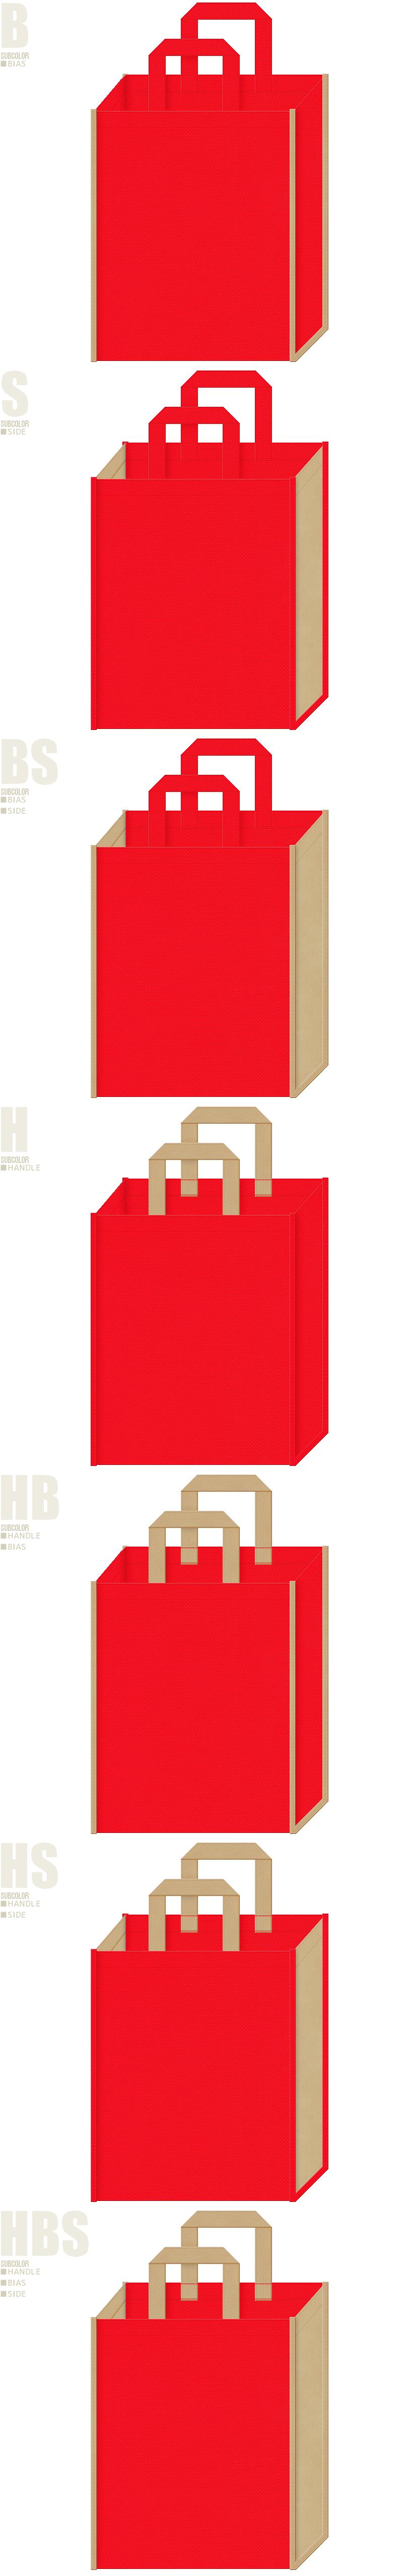 赤鬼・節分・大豆・一合枡・野点傘・茶会・お祭り・和風催事にお奨めの不織布バッグデザイン:赤色とカーキ色の配色7パターン